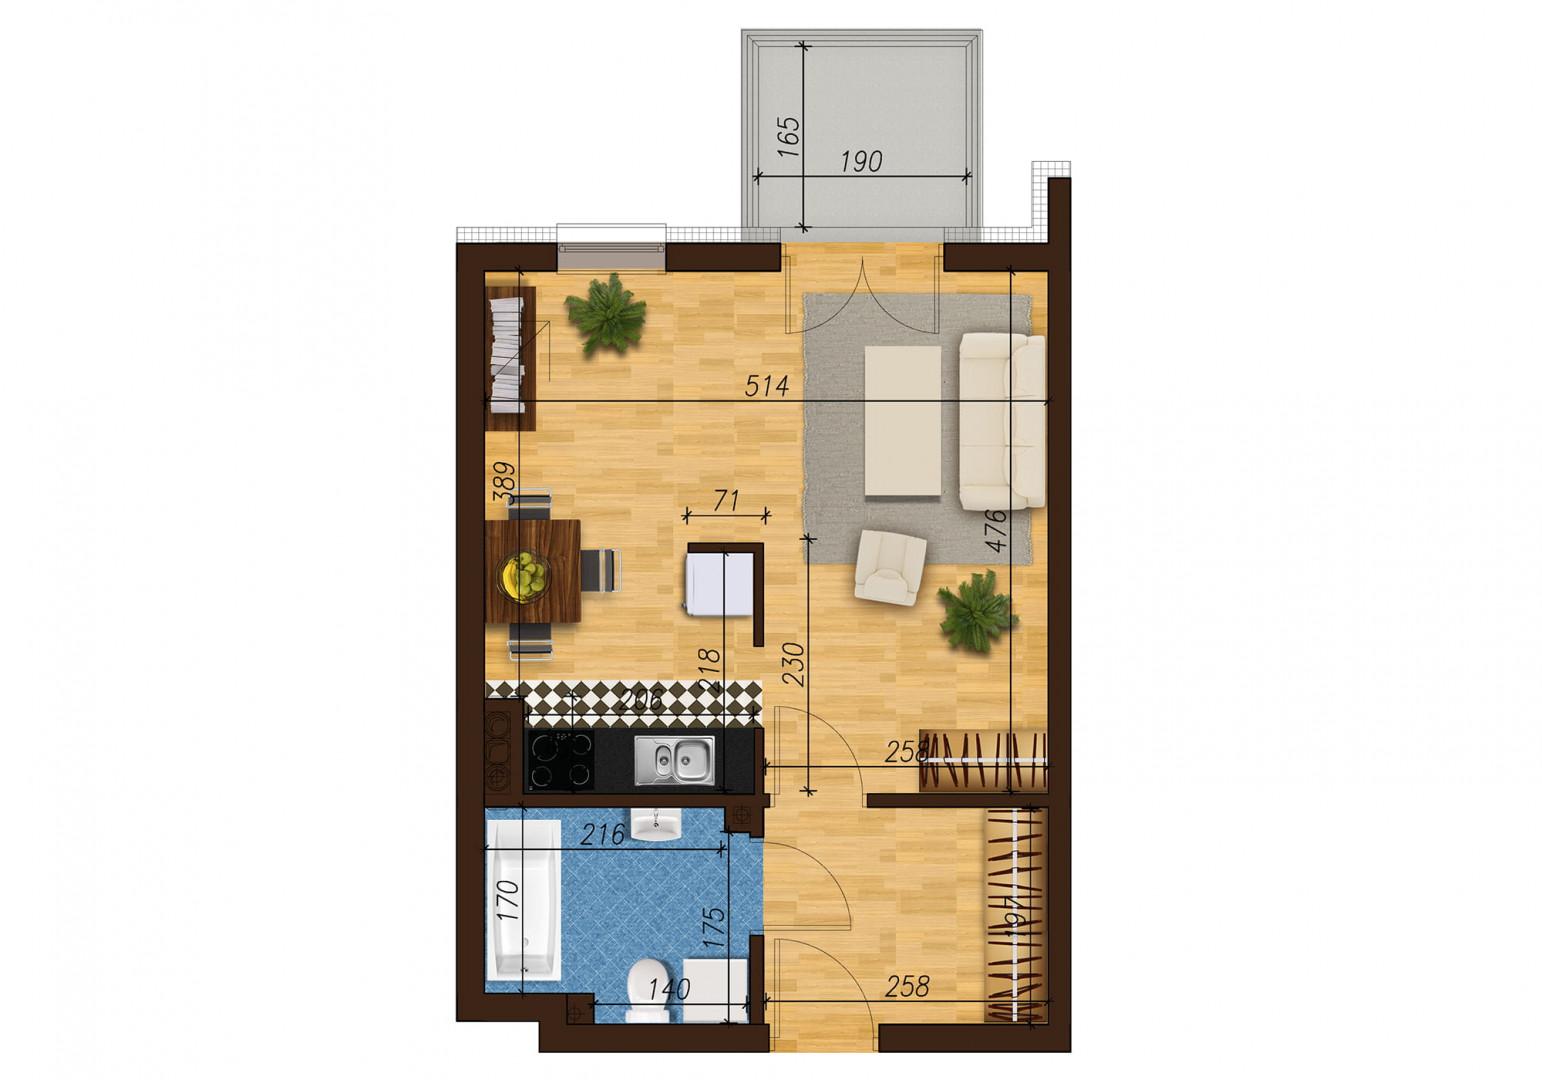 Mieszkanie jednopokojowe 33E/20 rzut 1